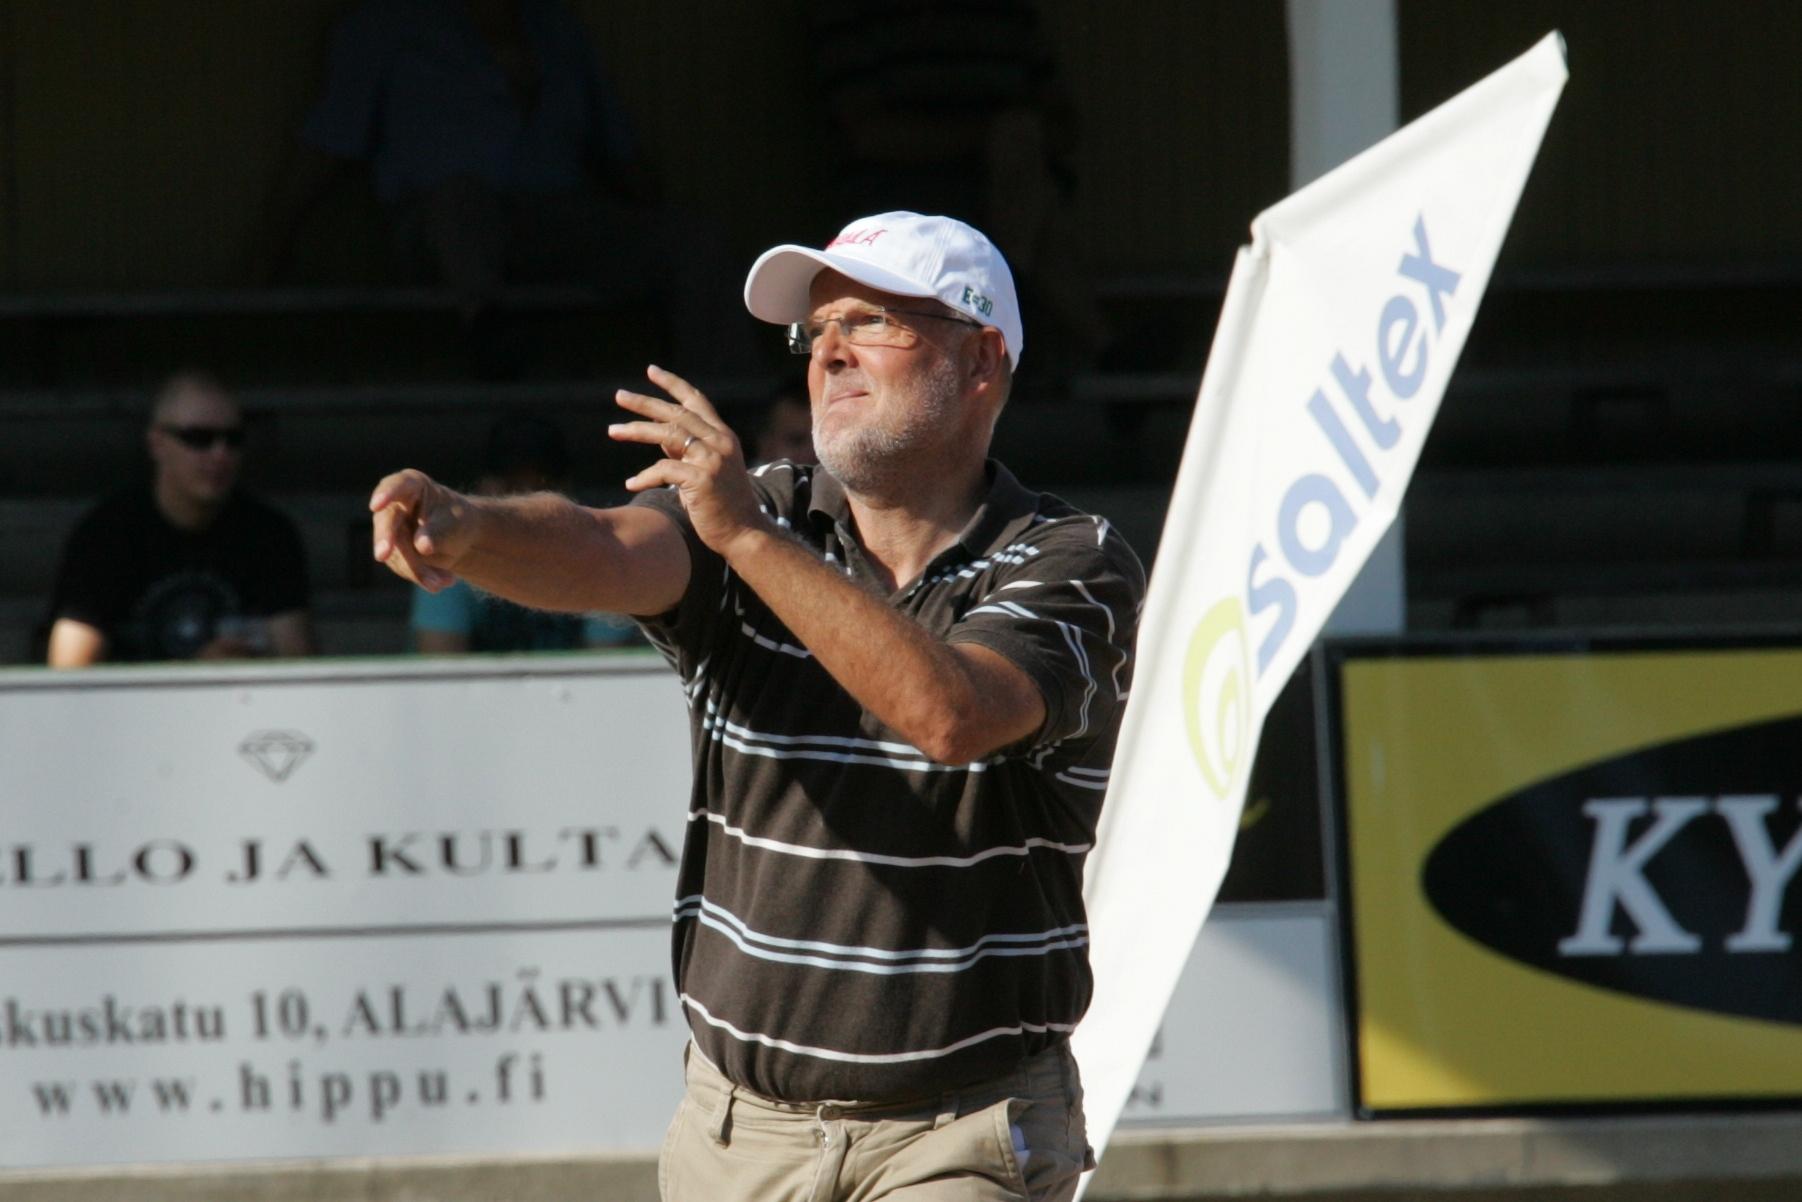 Jukka Ketonen